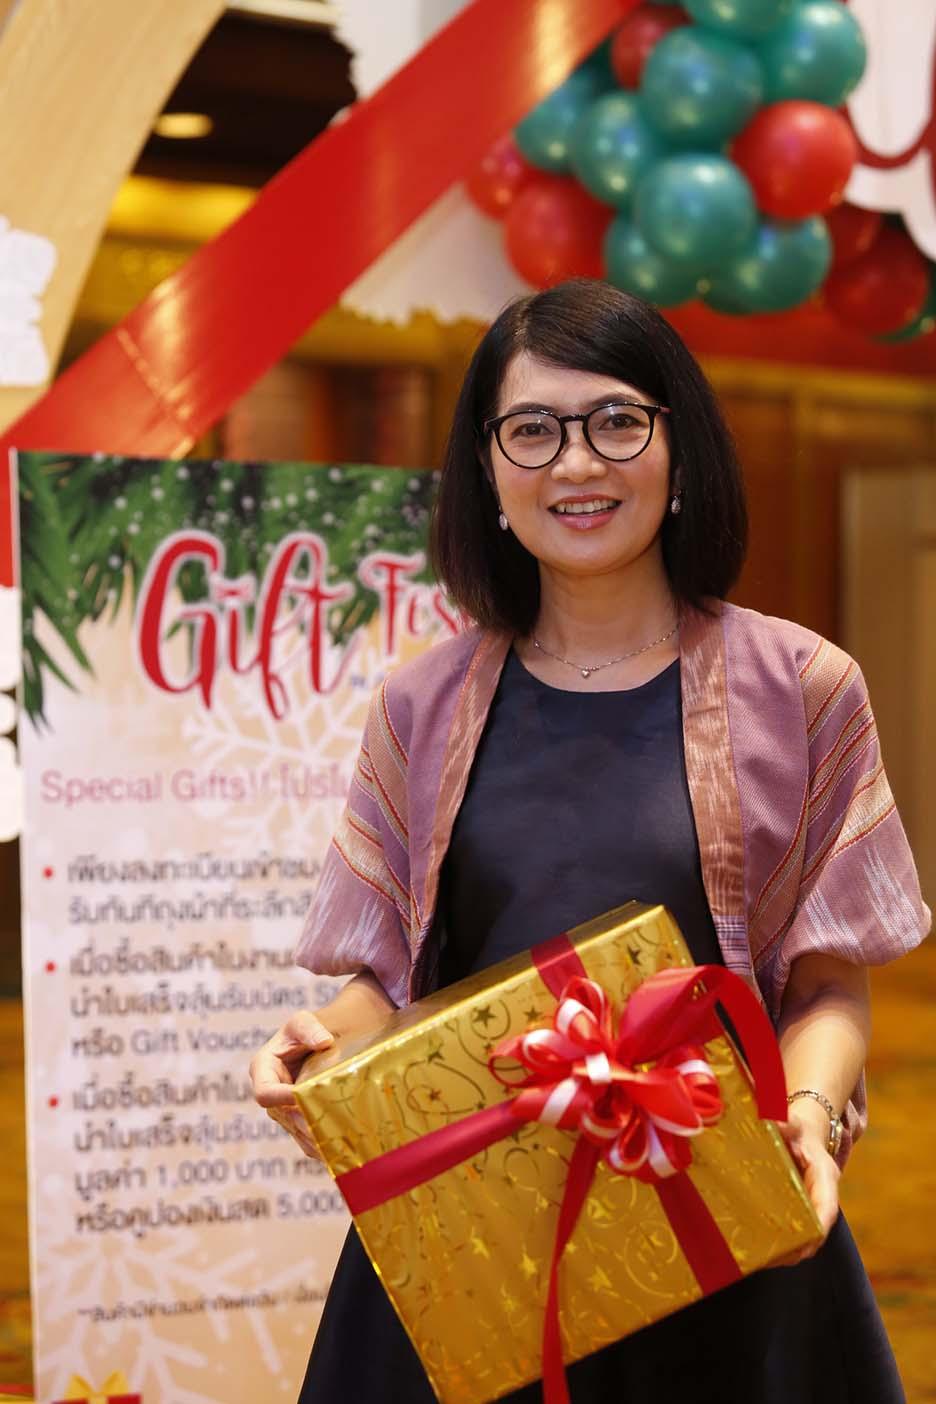 """งานมหกรรมของขวัญส่งท้ายปี """"Gift Fest by Thailand Bestbuys"""" 13-17 ธันวาคม 2560"""